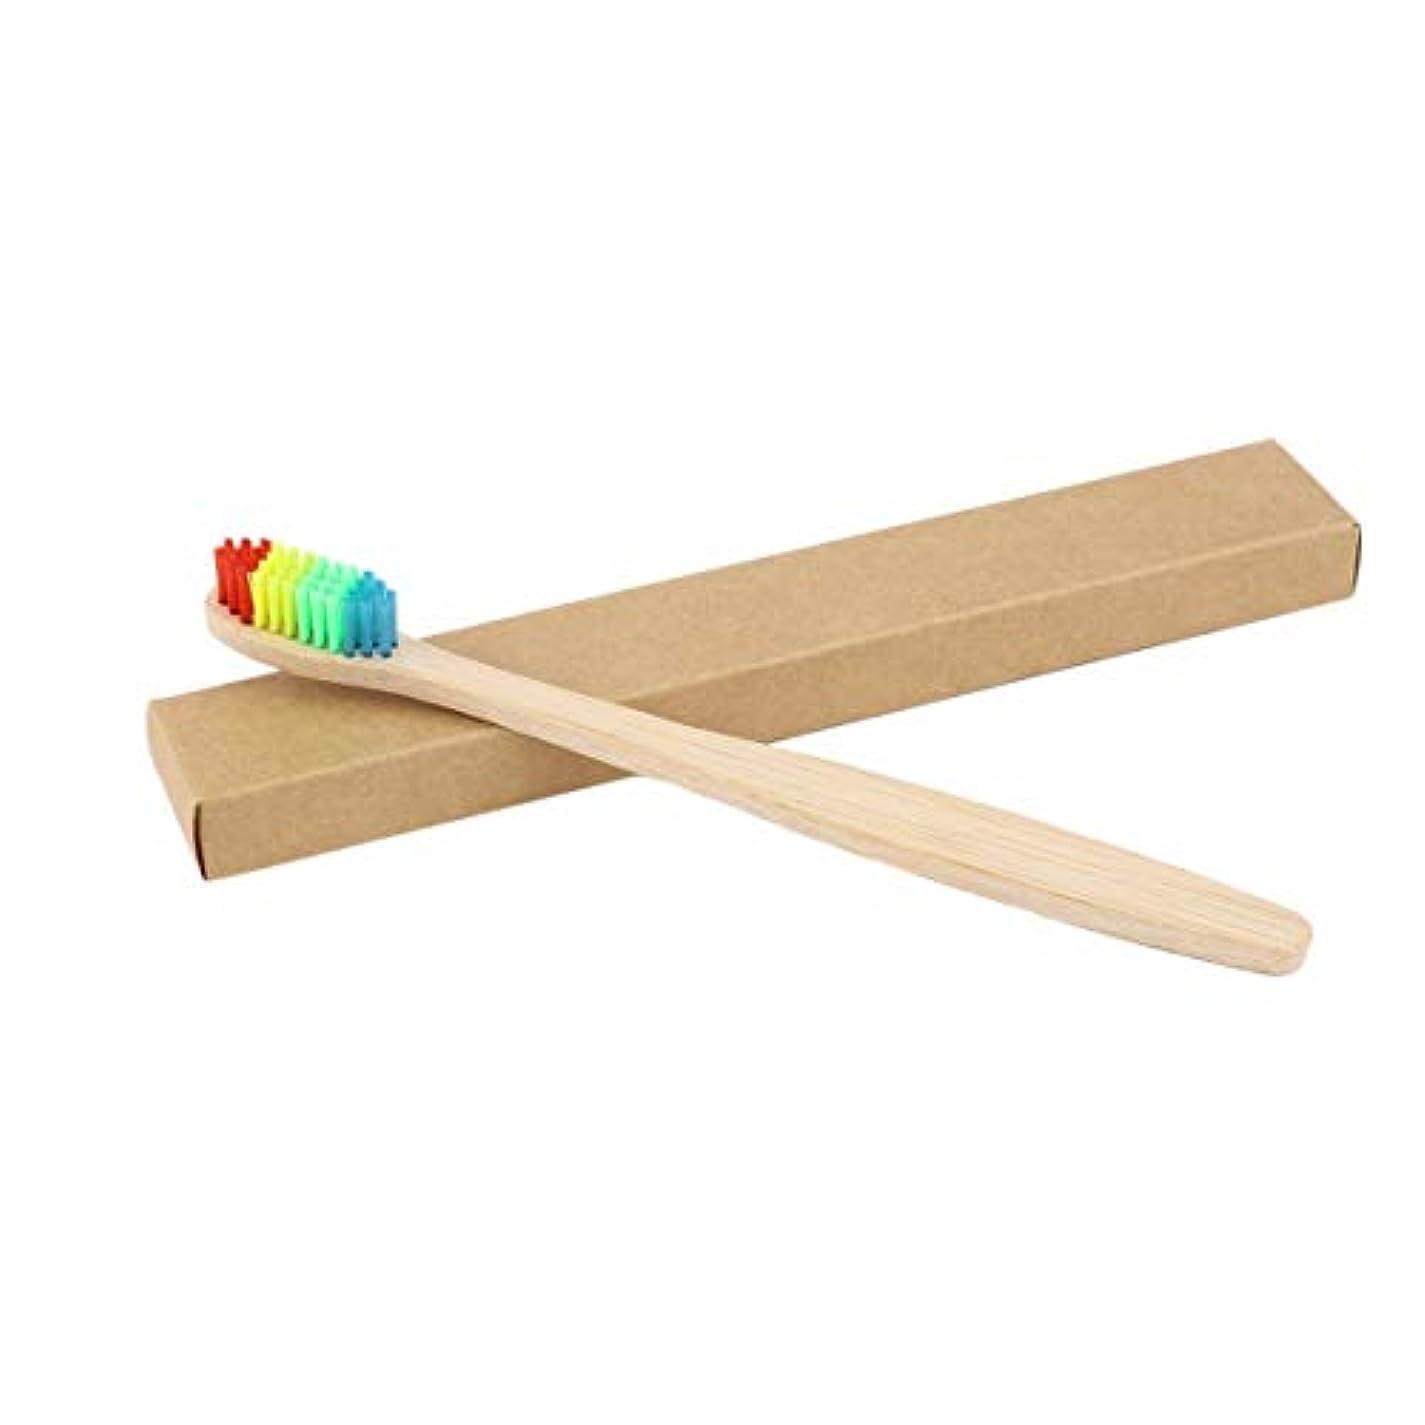 段落役に立たないワックスカラフルな髪+竹のハンドル歯ブラシ環境木製の虹竹の歯ブラシオーラルケアソフト剛毛ユニセックス - ウッドカラー+カラフル